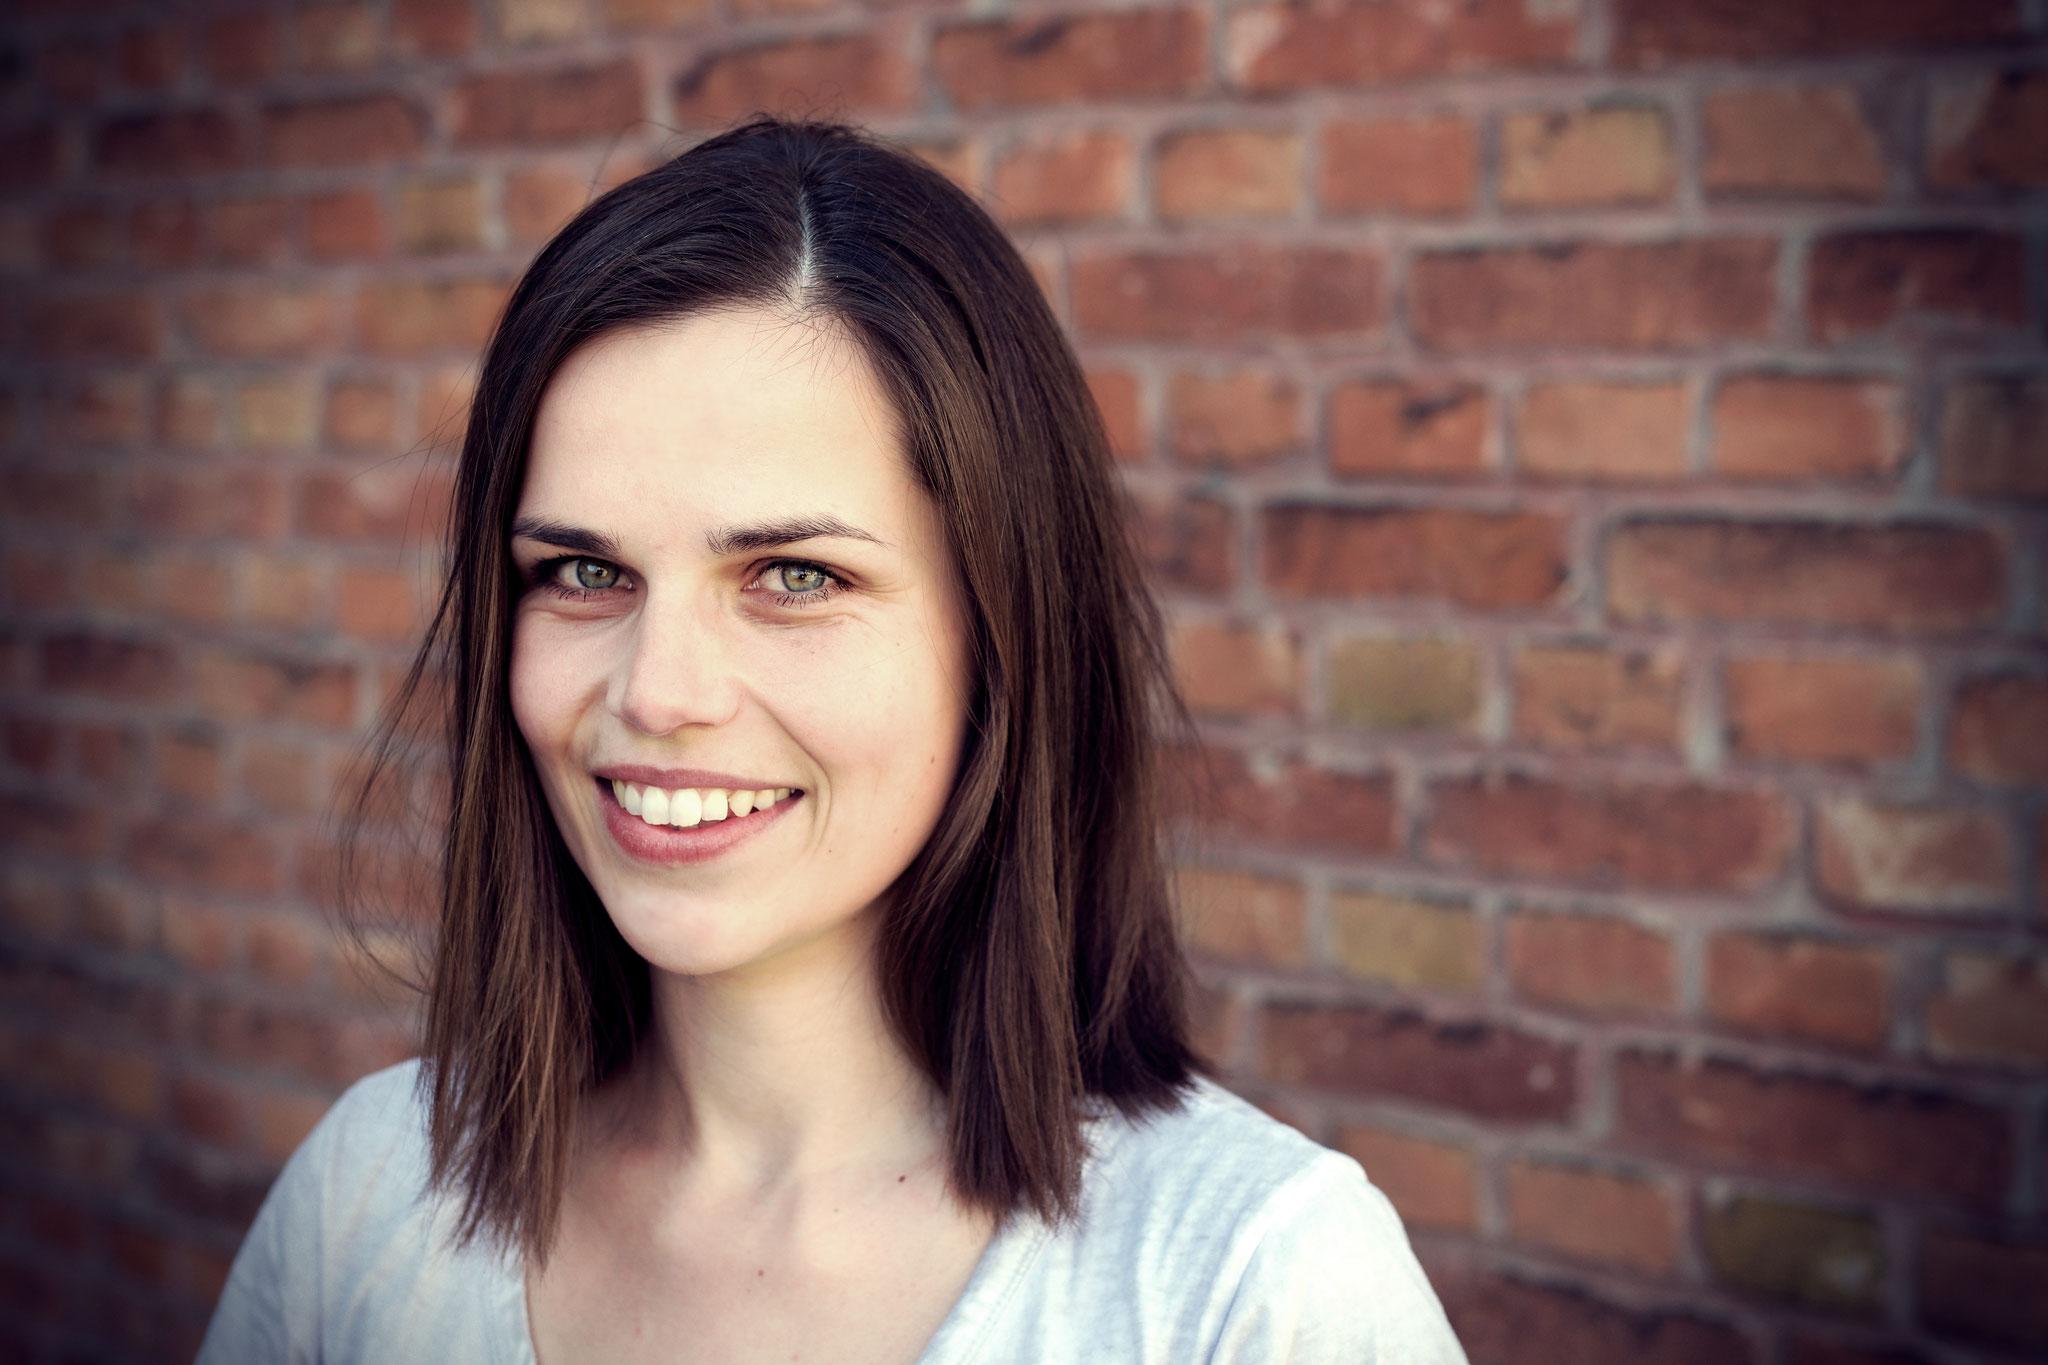 Katarina Fenneker: Logopädin. Bei AdN: Redakteurin. Stärke: gibt dem Initiator ordentlich Kontra; Makel: ist mit dem Initiator verheiratet